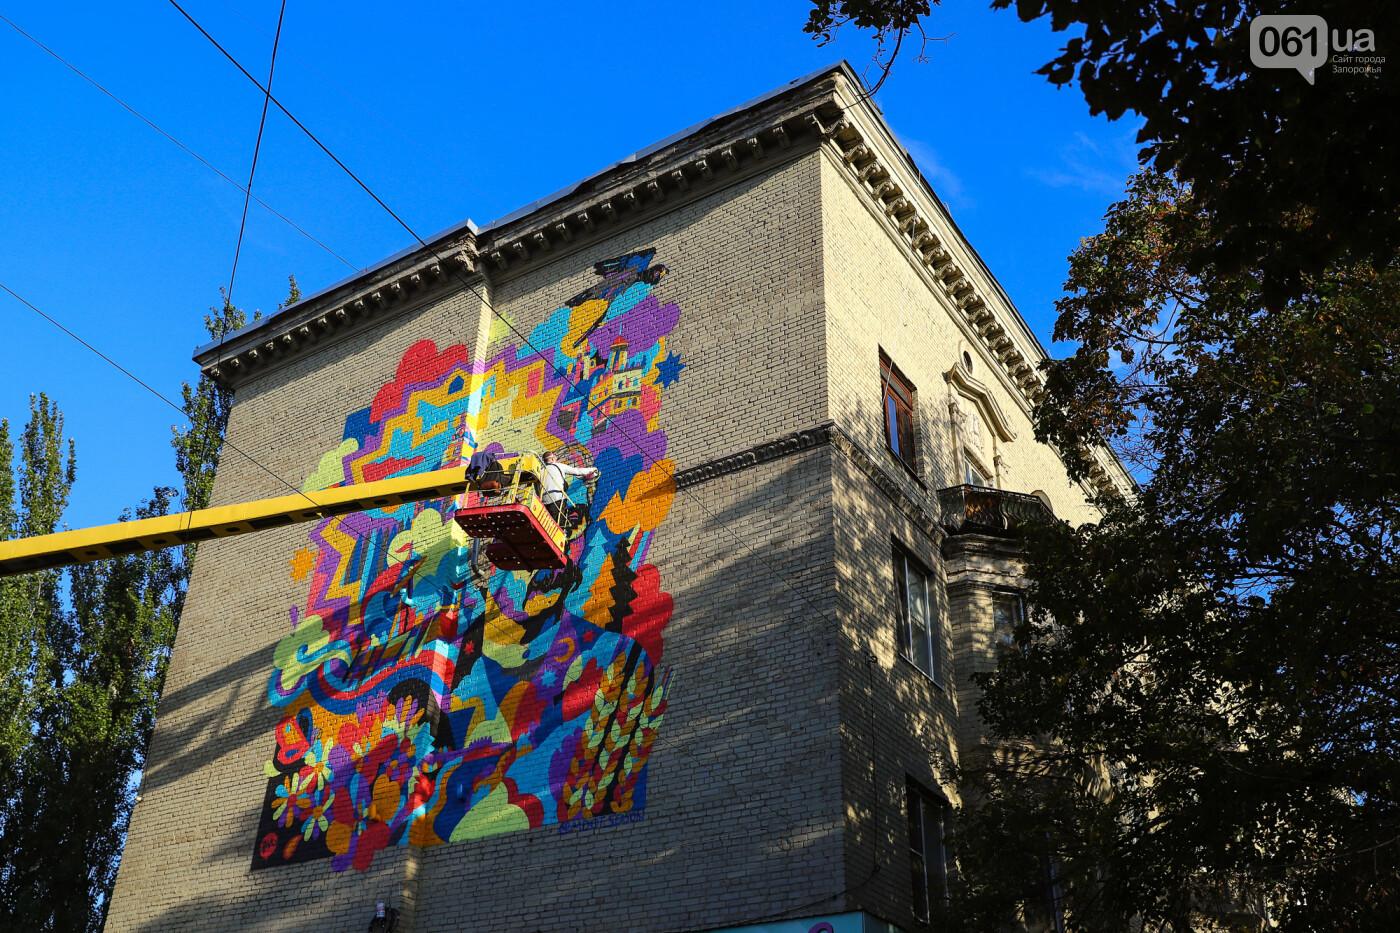 Художник из Нью-Йорка нарисовал мурал к 250-летию Запорожья - ФОТОРЕПОРТАЖ , фото-15